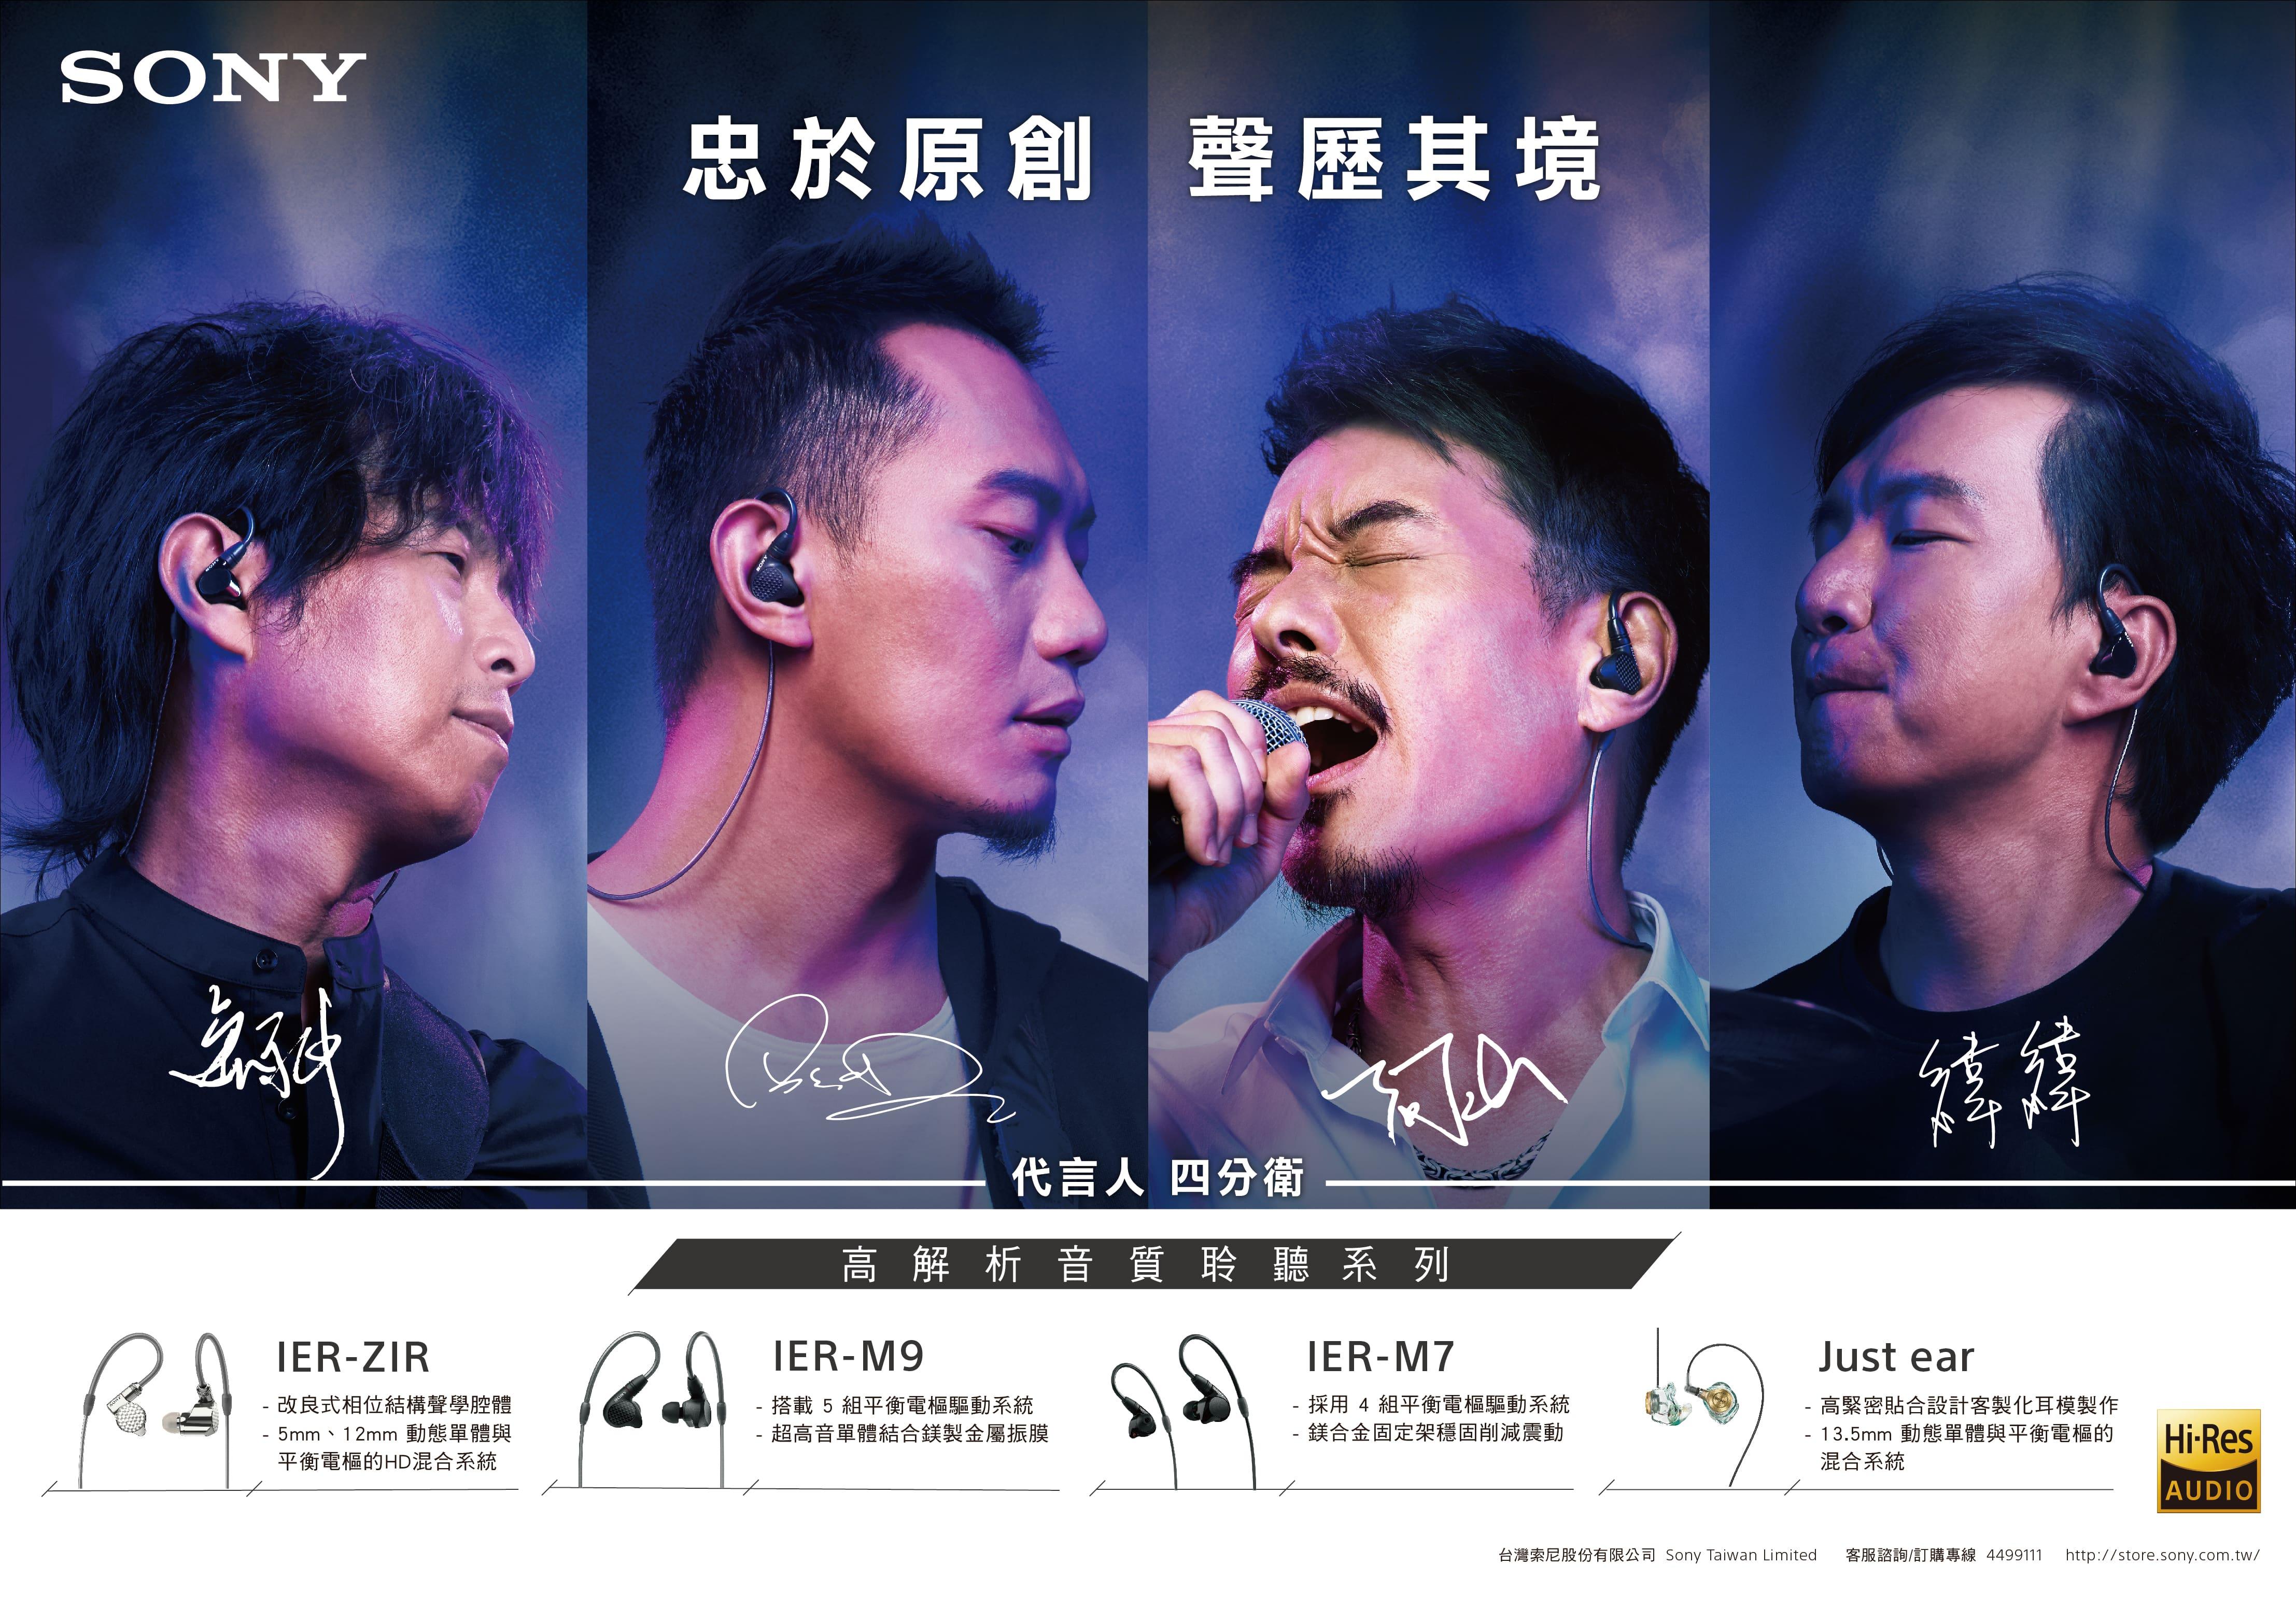 Sony年度耳機代言新聲登場!四分衛引領高解析原音魅力 、林宥嘉‧靜享WH-1000XM3音樂隨行